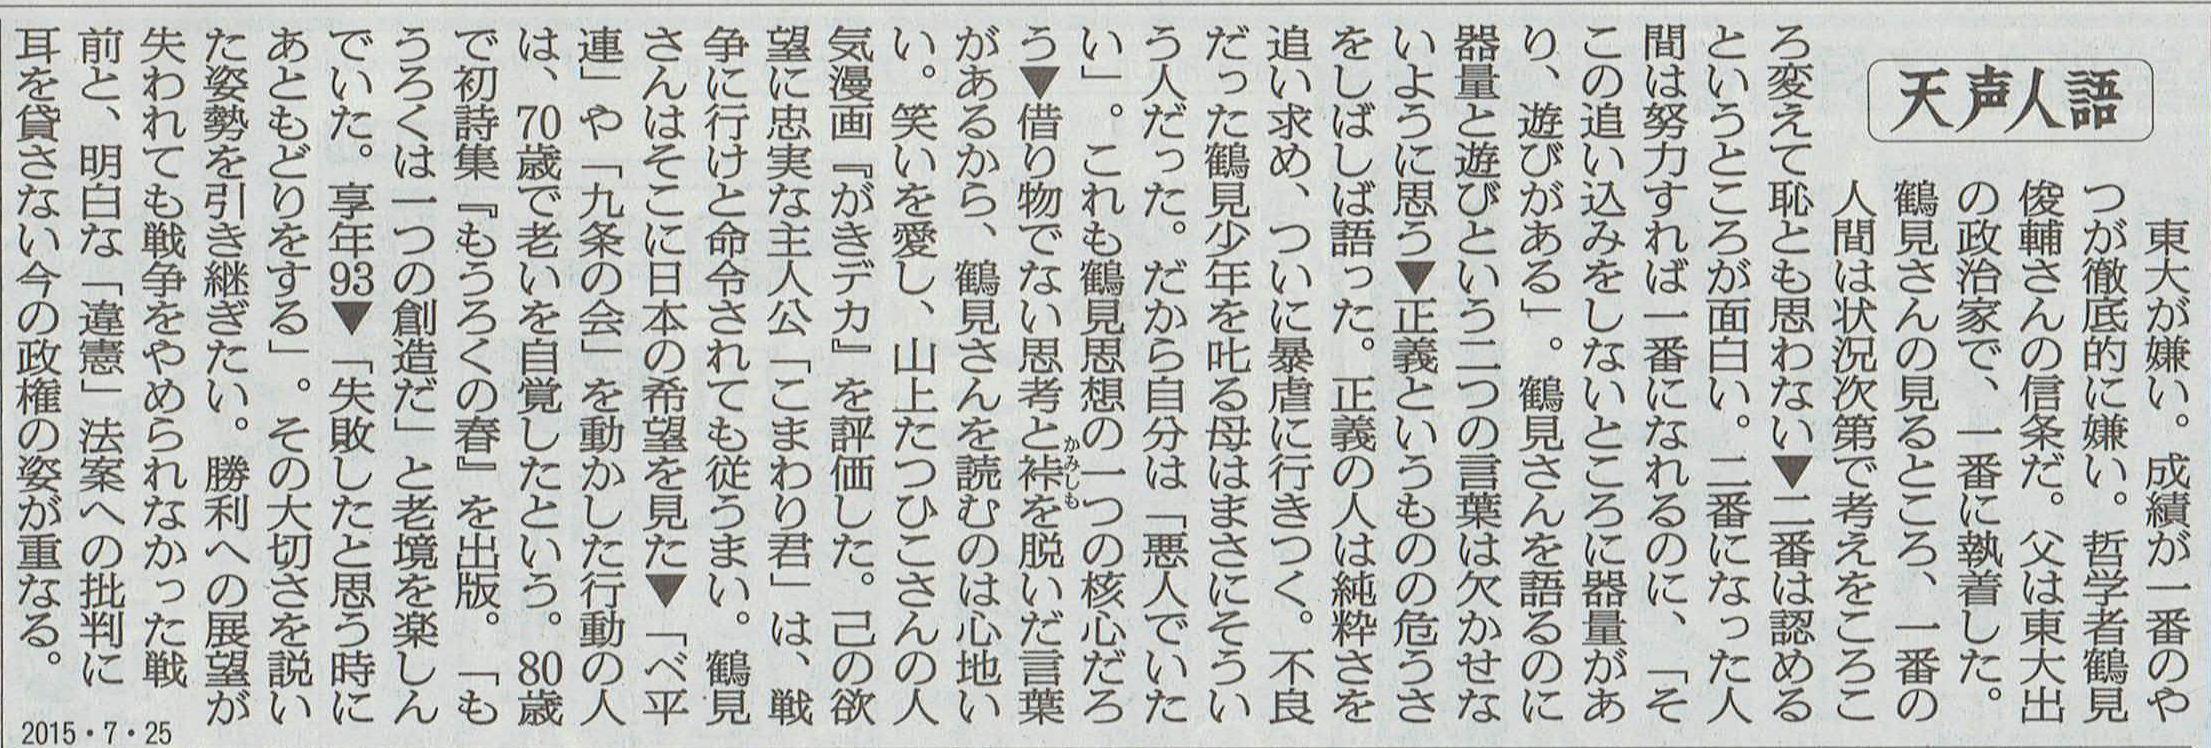 2015年7月25日前期「口承研究Ⅰ」第15回まとめ・敗戦70年その6_d0249595_6533812.jpg